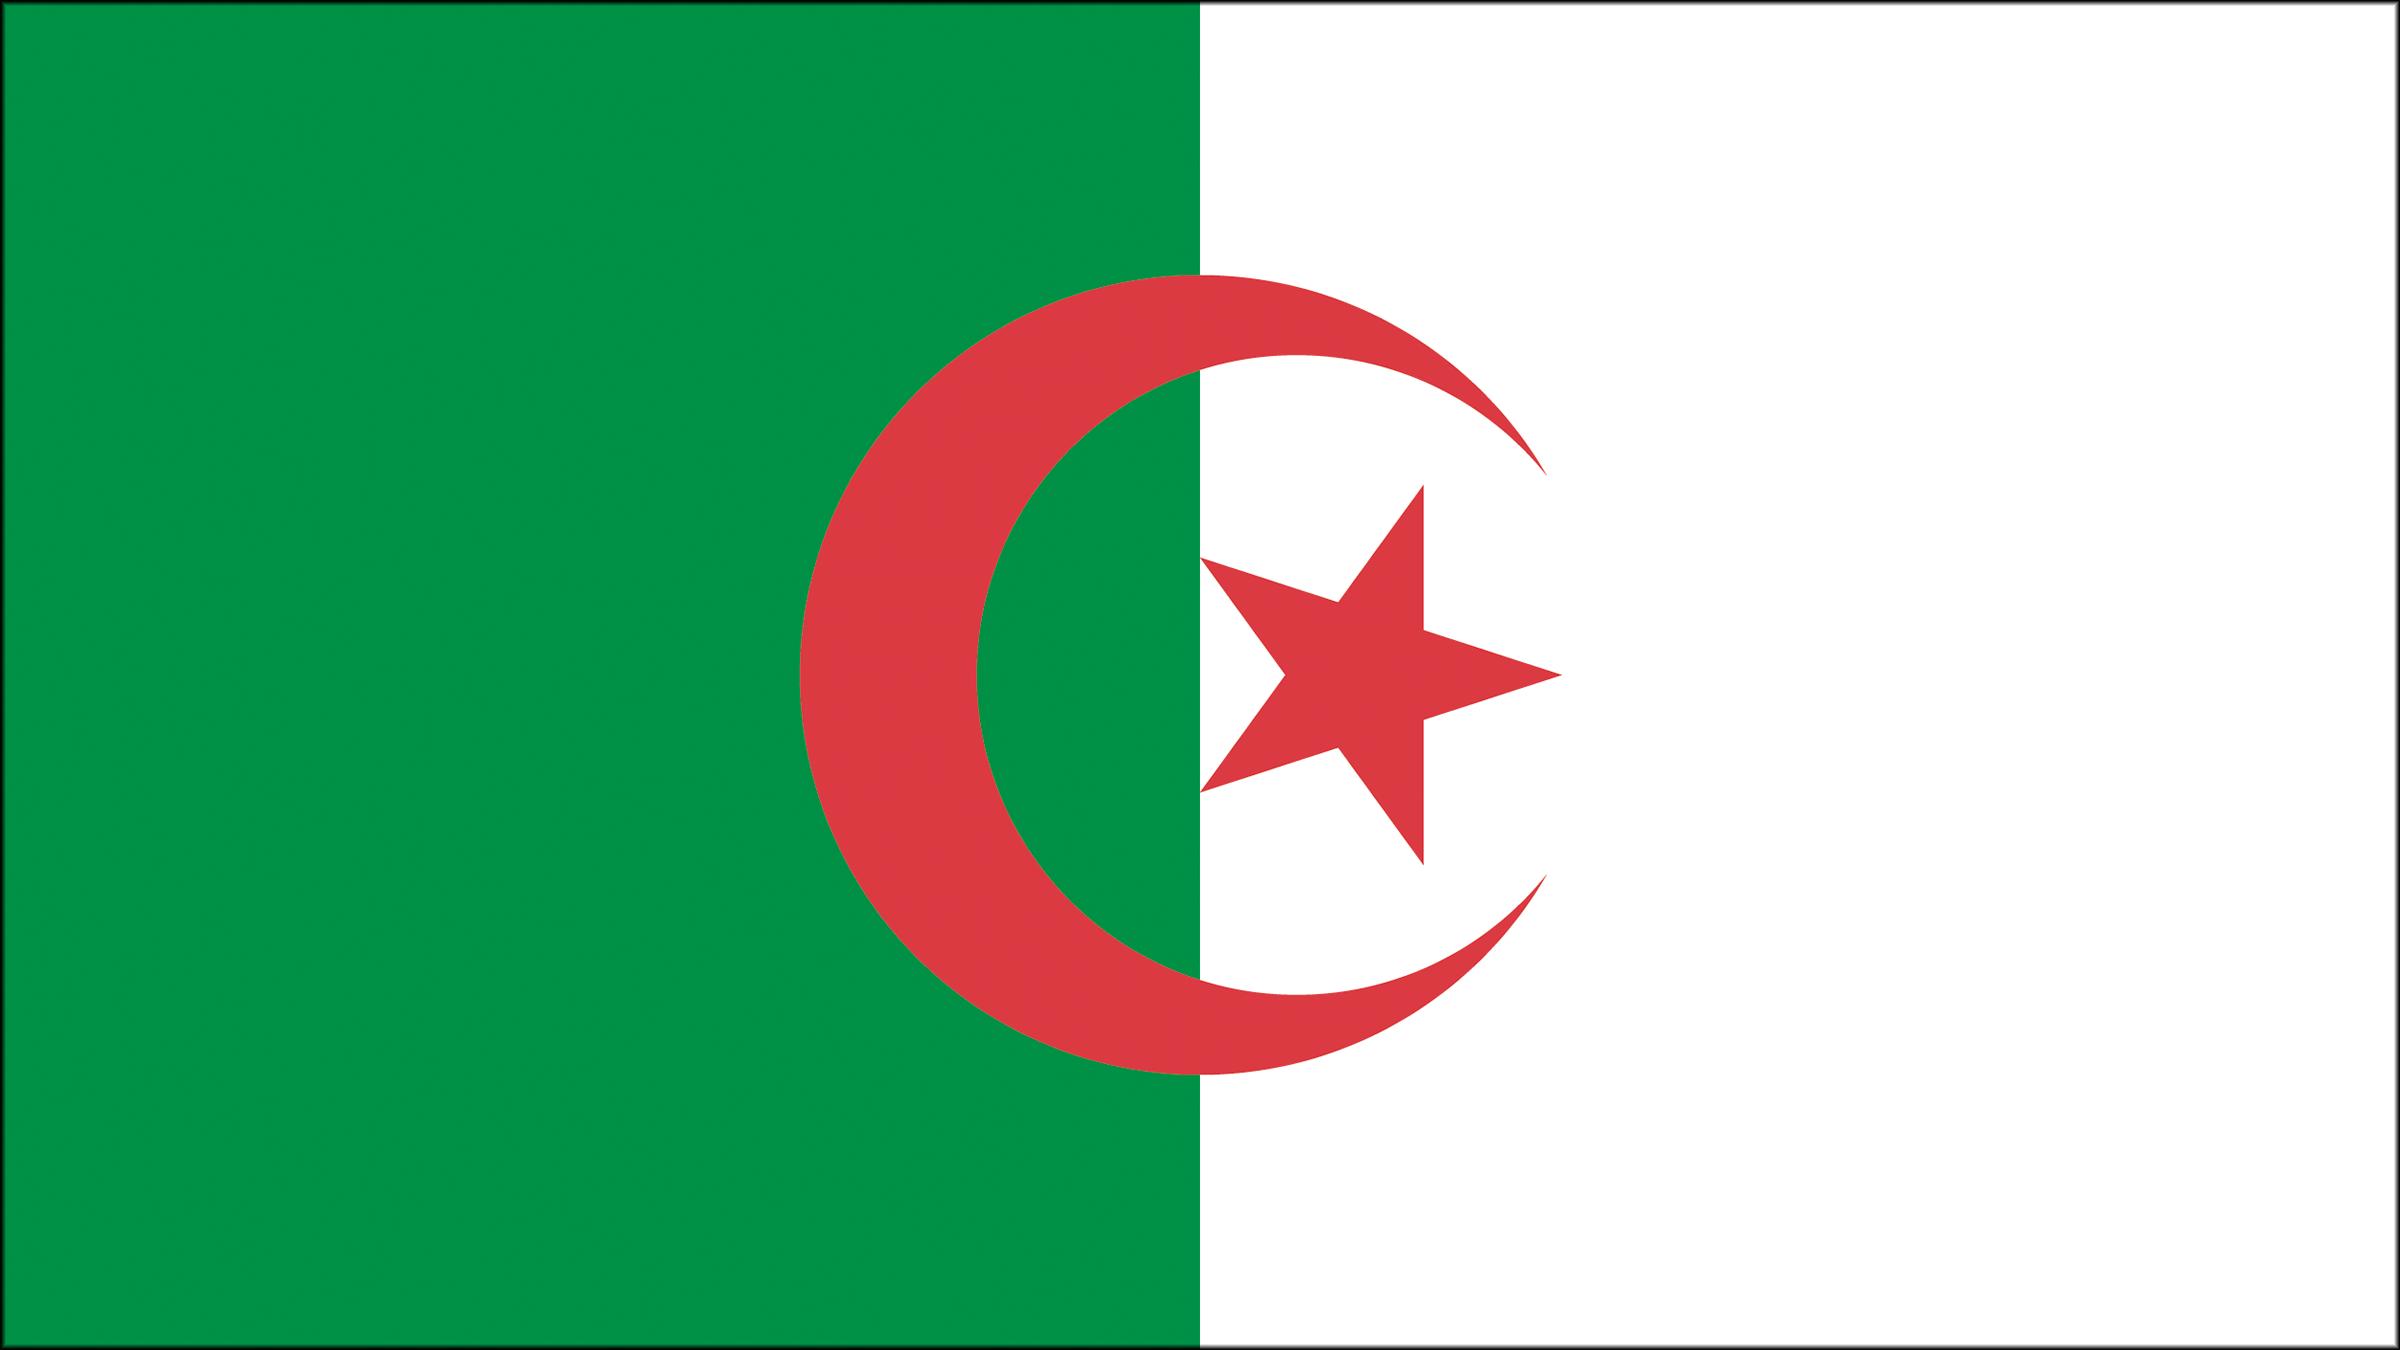 Bandera de Ias Seychelles